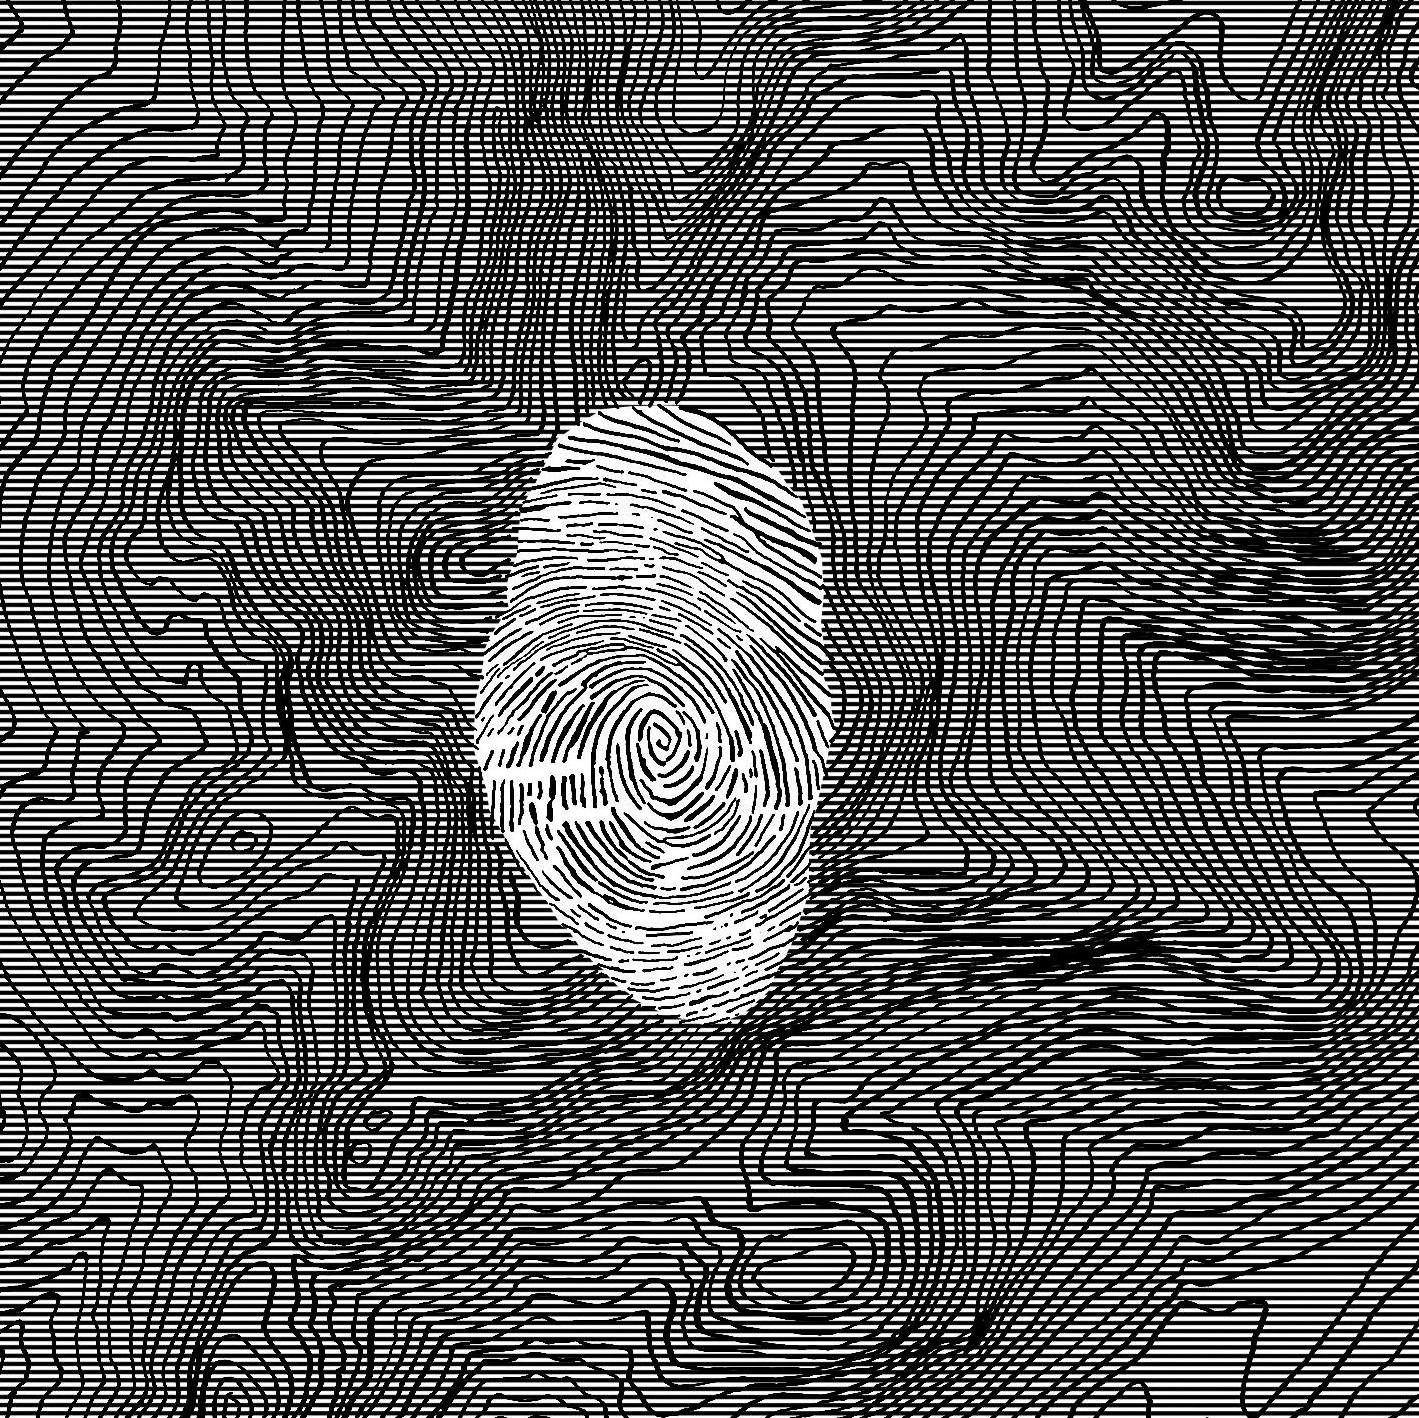 """Strom Noir / Micromelancolié: 49°05'19,3""""N 22°34'04,0'E'"""